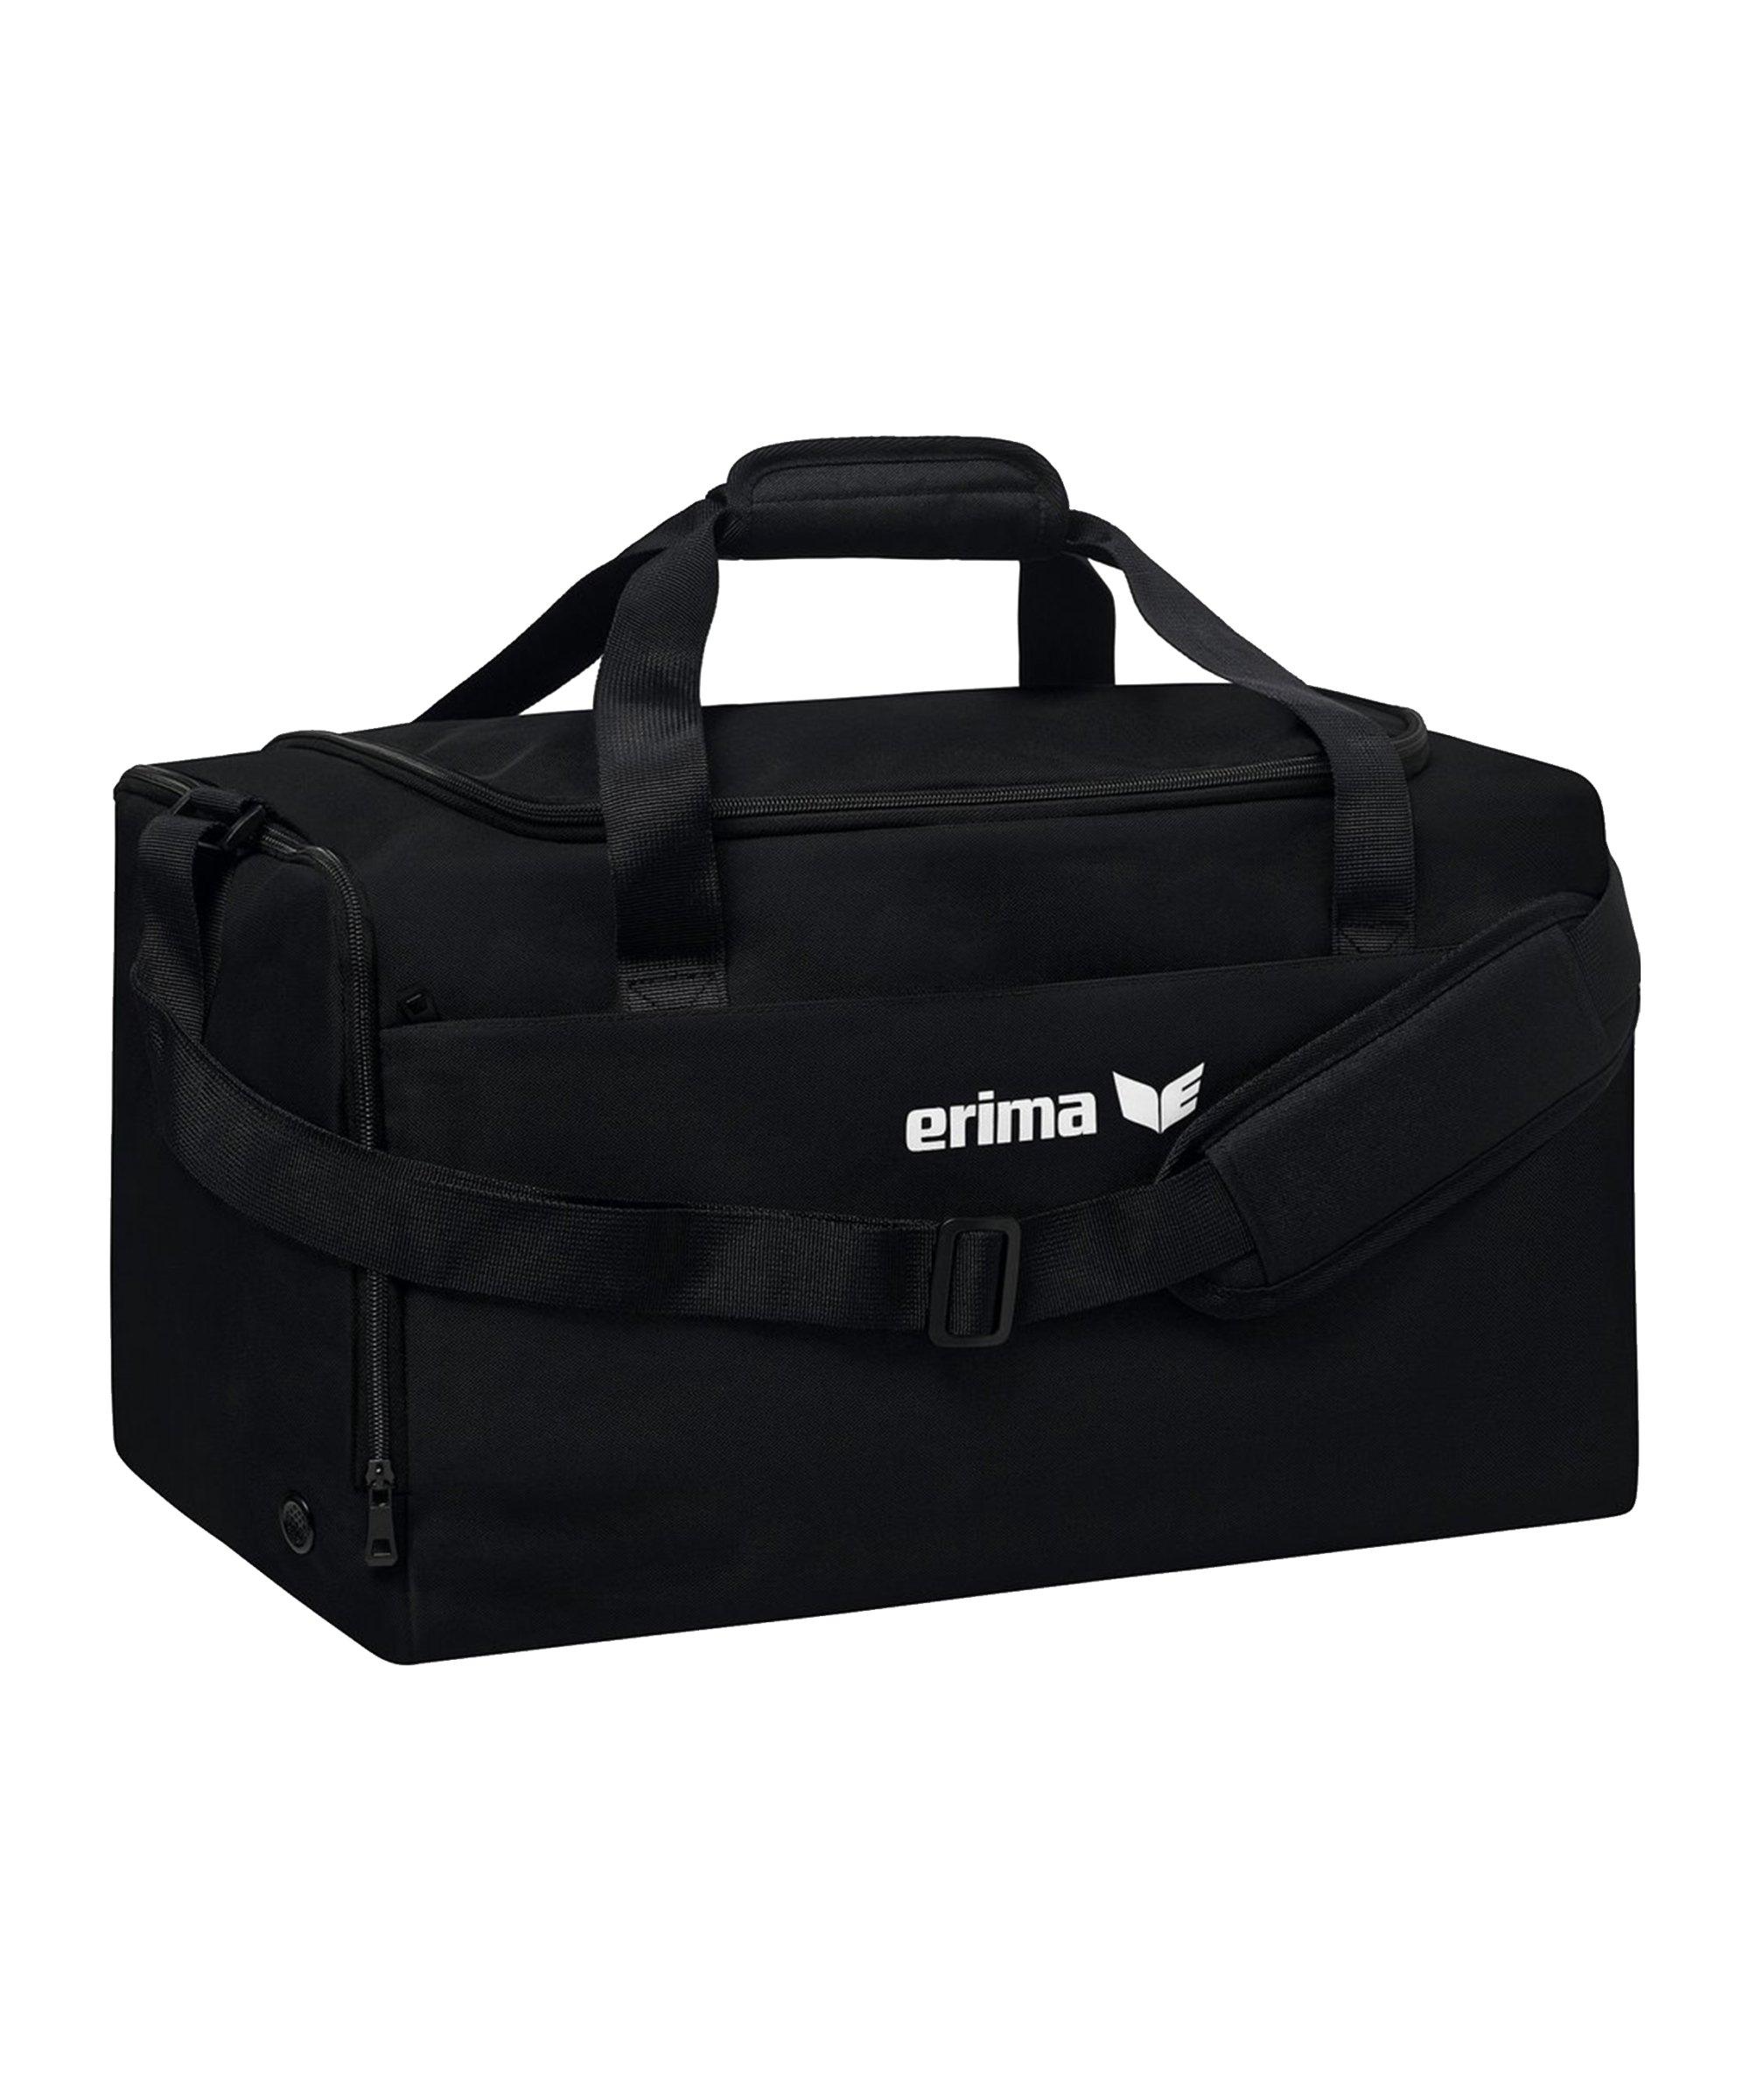 Erima TEAM Sporttasche Gr. S F950 Schwarz - schwarz